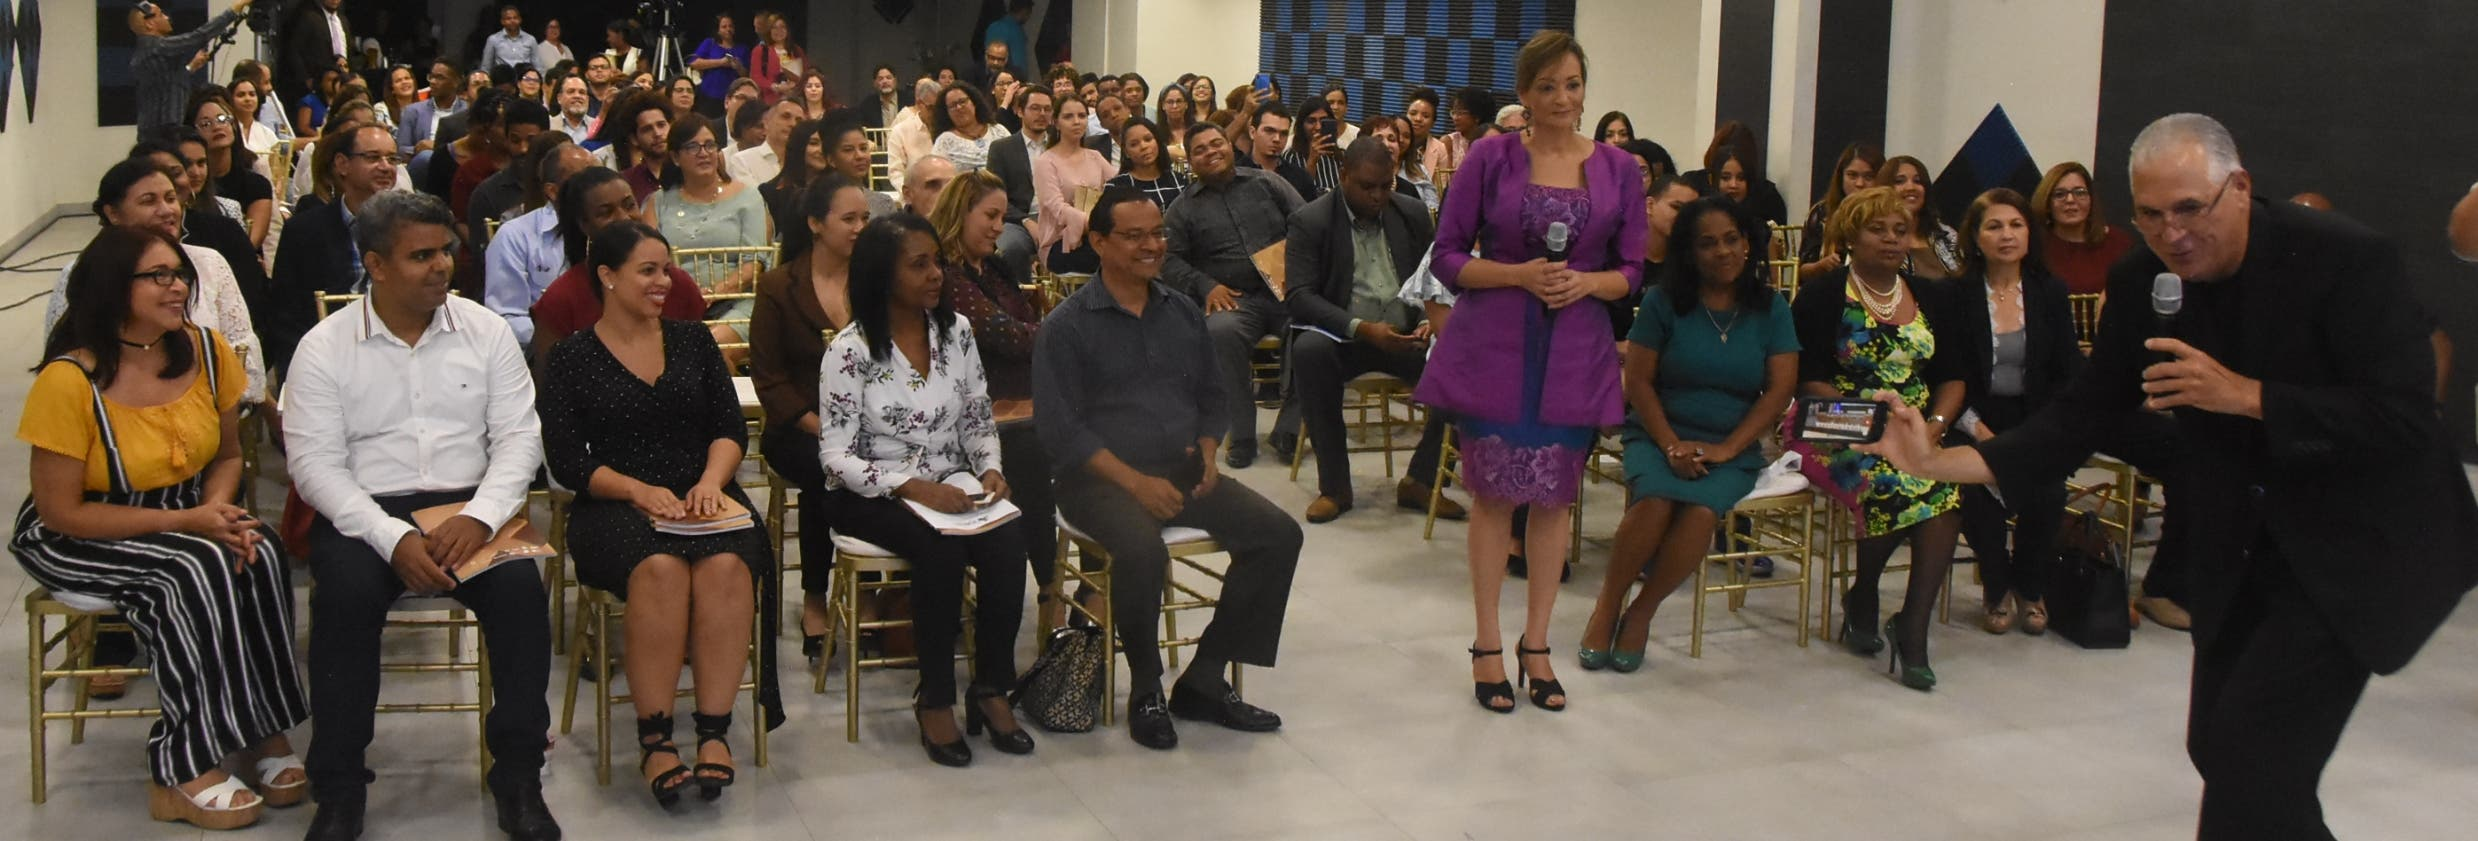 Vicente Pimienta grabó un vídeo junto a Lady Reyes y sus invitados  despidieron del octavo encuentro.